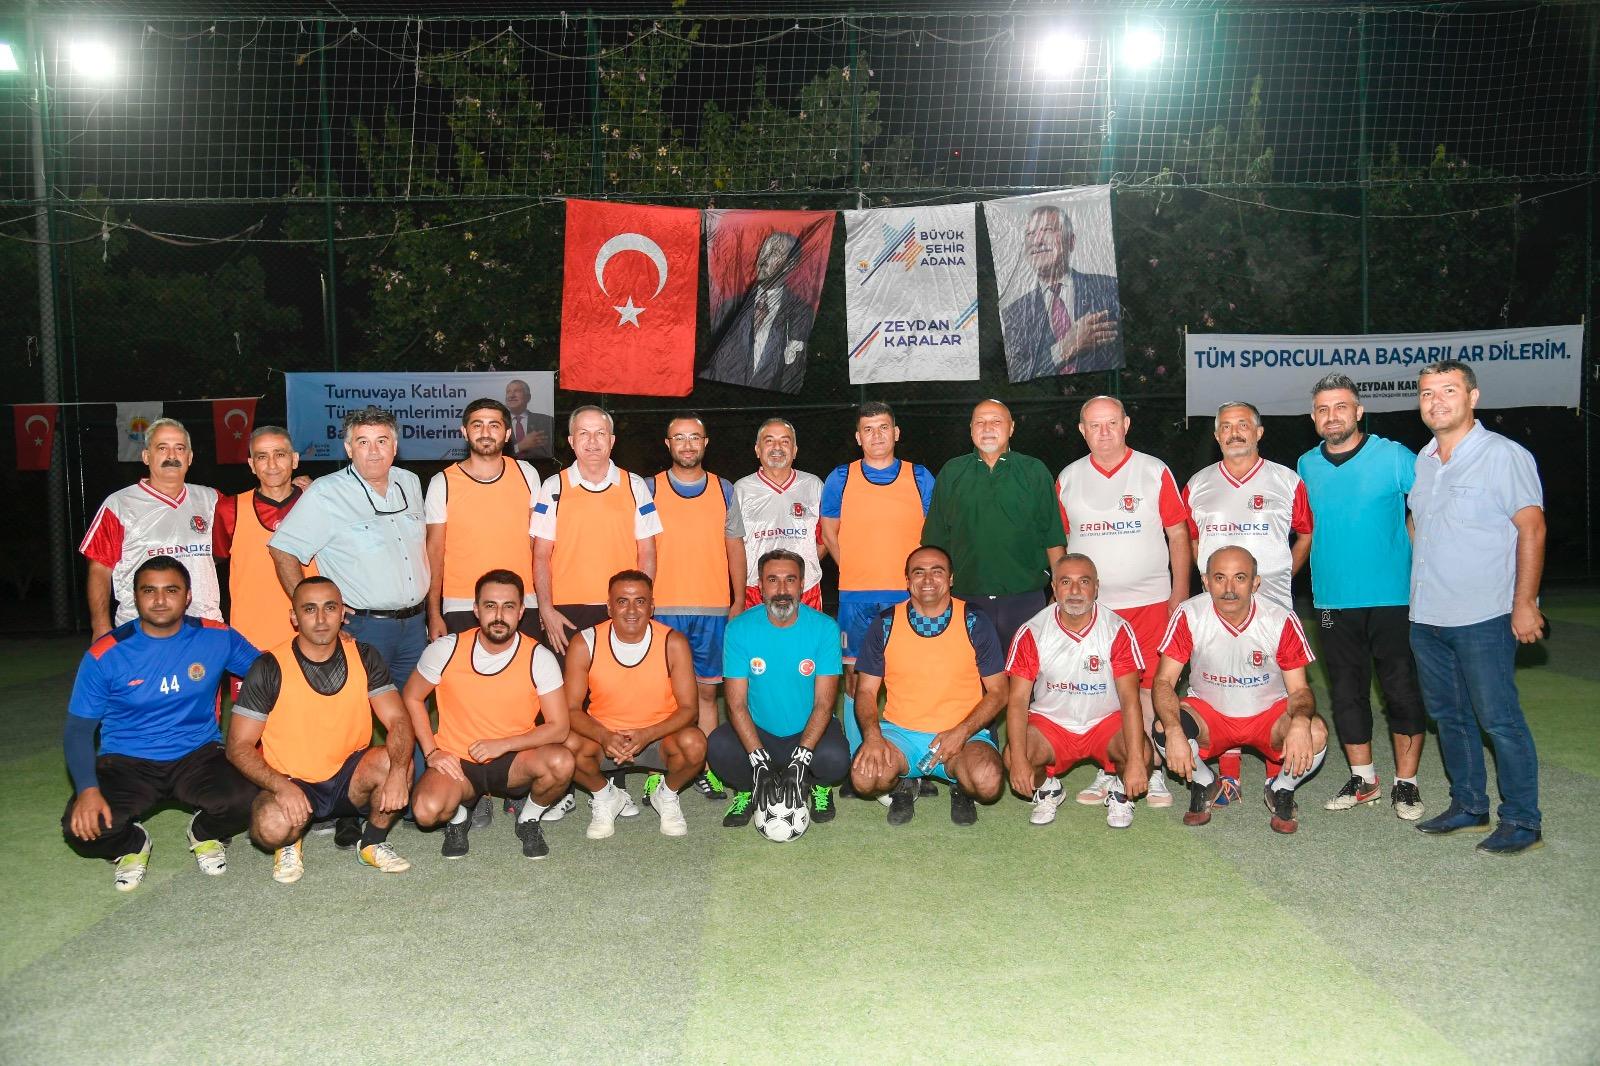 Adana Büyükşehir Belediyesi Cumhuriyet Futbol Turnuvası başladı